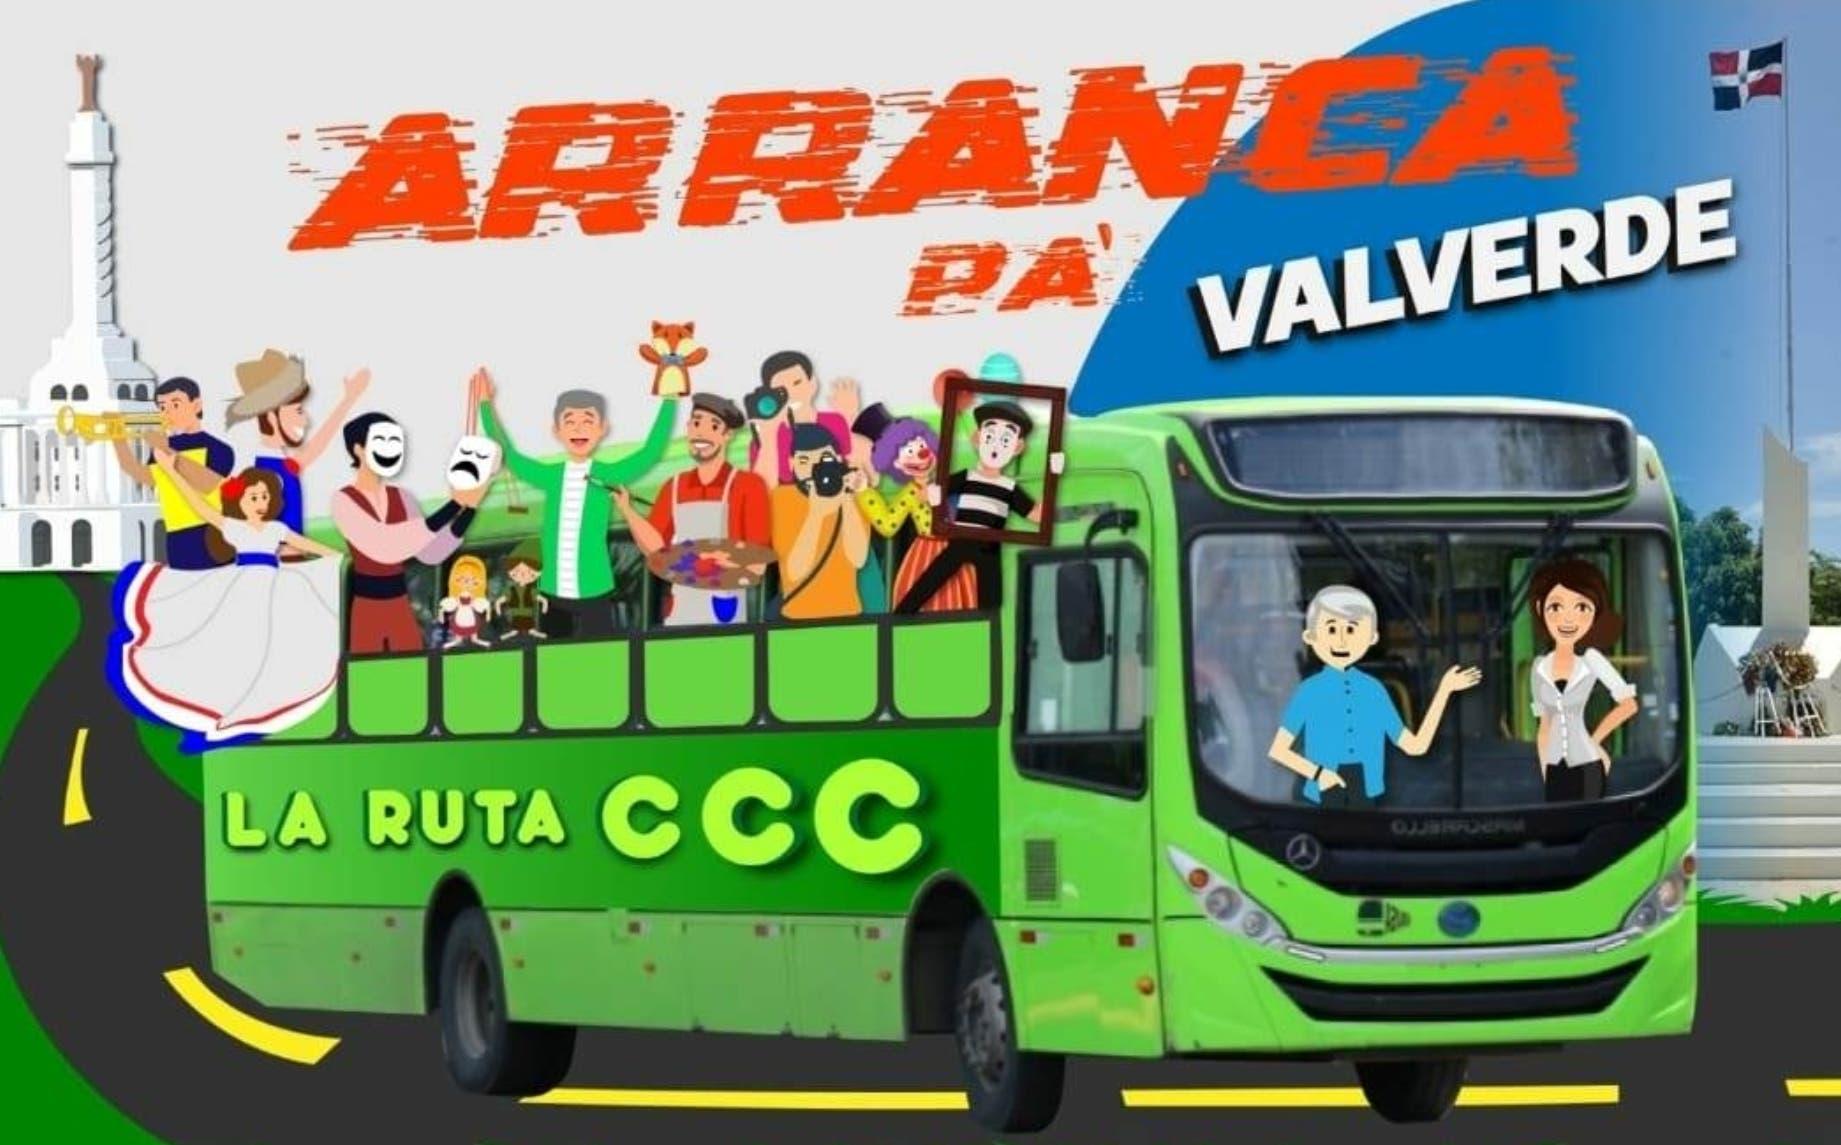 Caravana Cultural del Cibao recorre provincias llevando alegría a gente